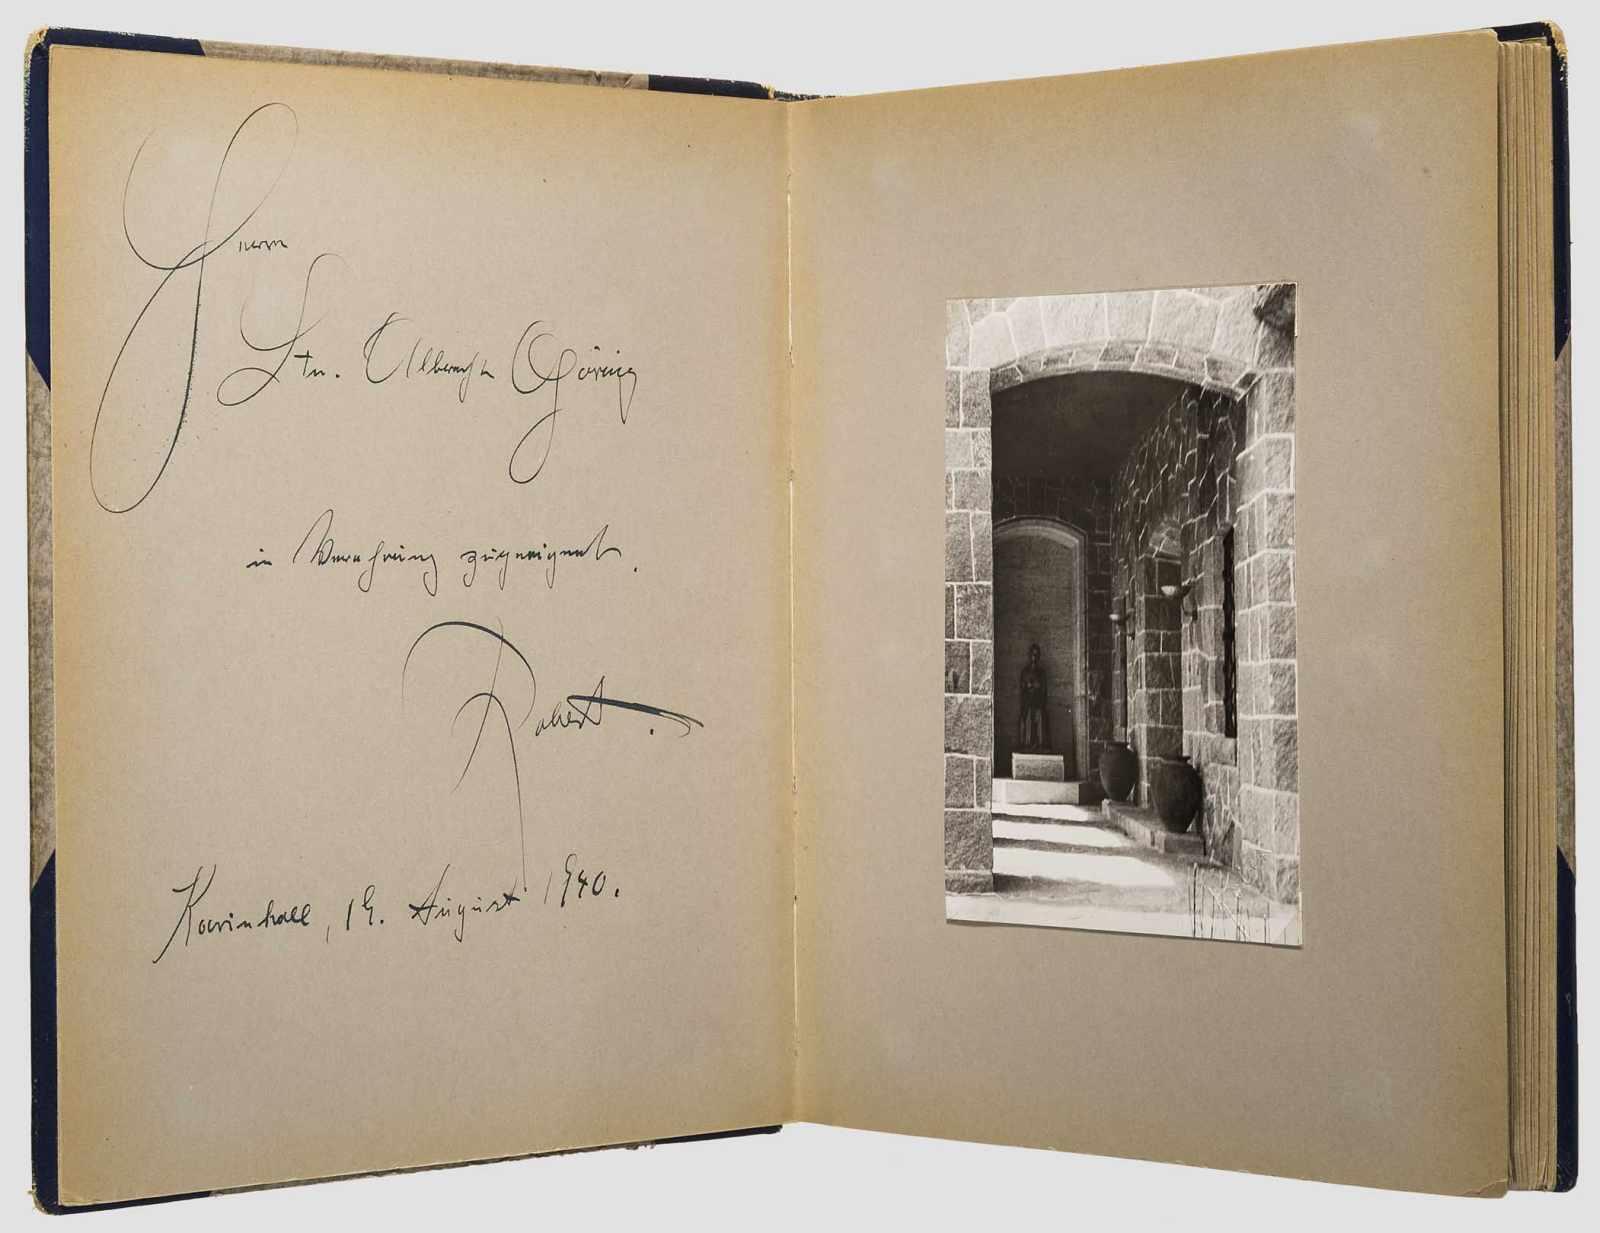 Hermann Goring Geschenk Fotoalbum Carinhall An Seinen Neffen Albrecht Goring 1940 Grossformatige